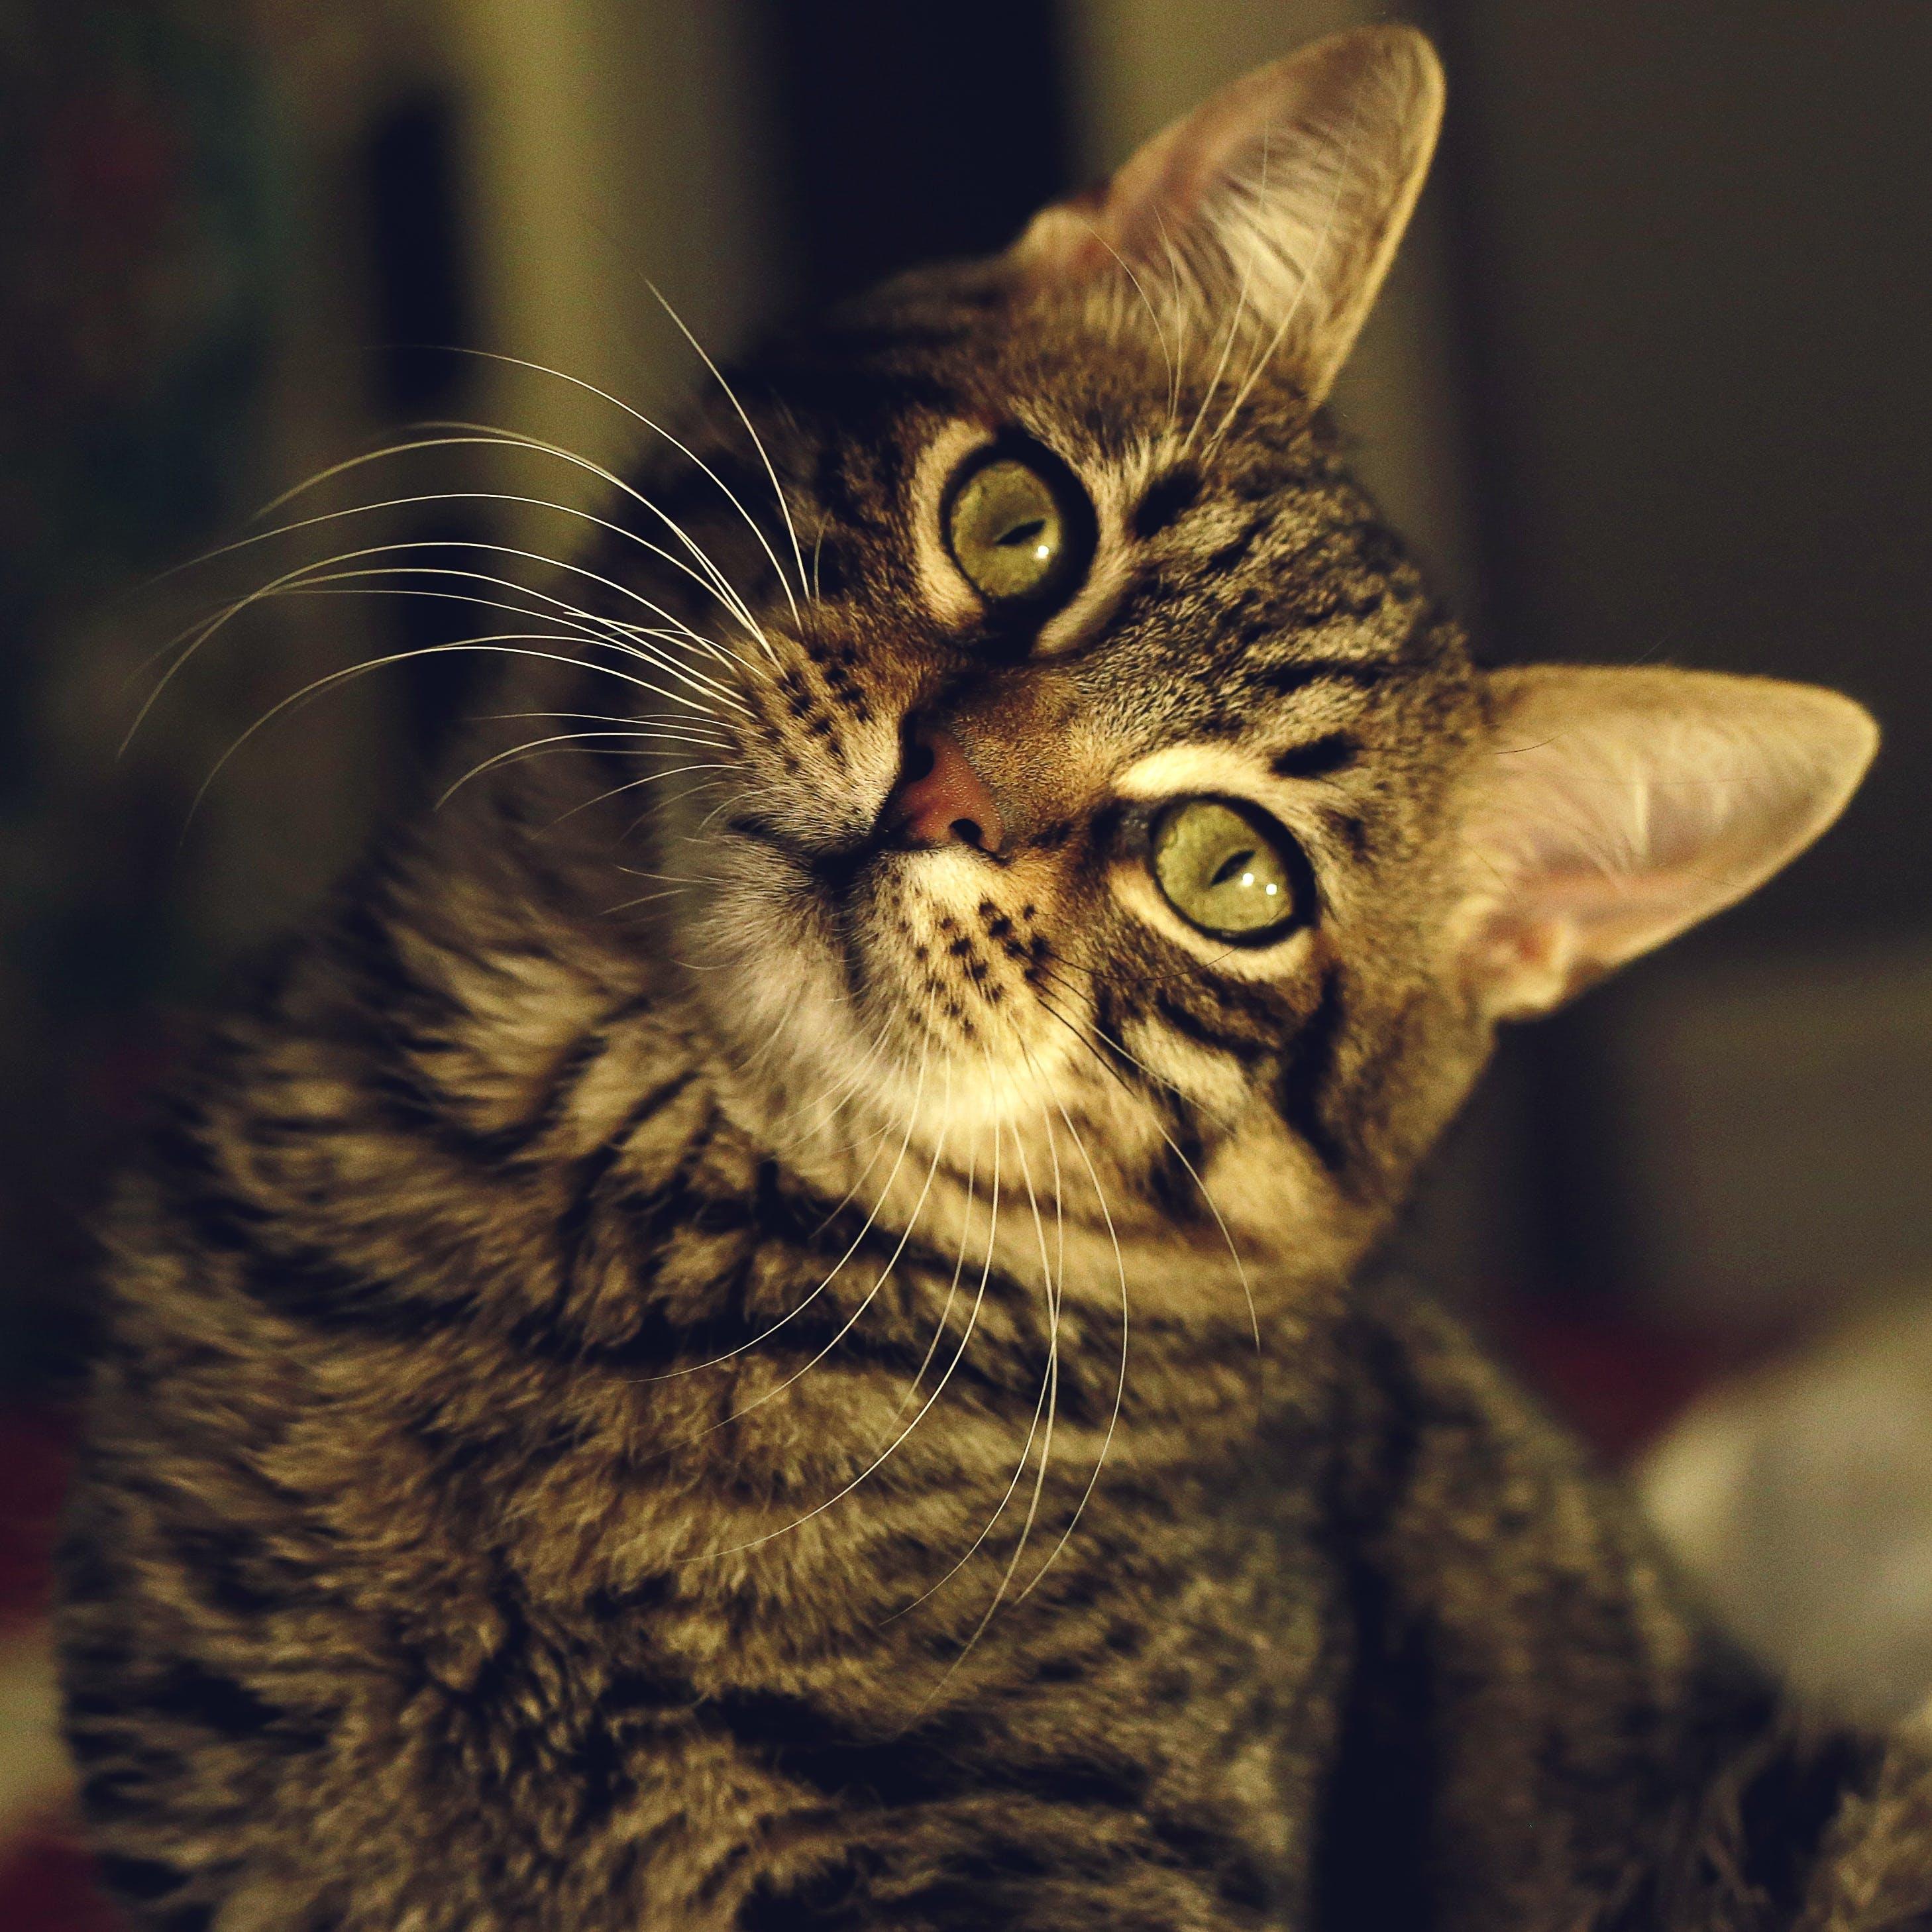 Бесплатное стоковое фото с глаза, домашний, животное, котенок